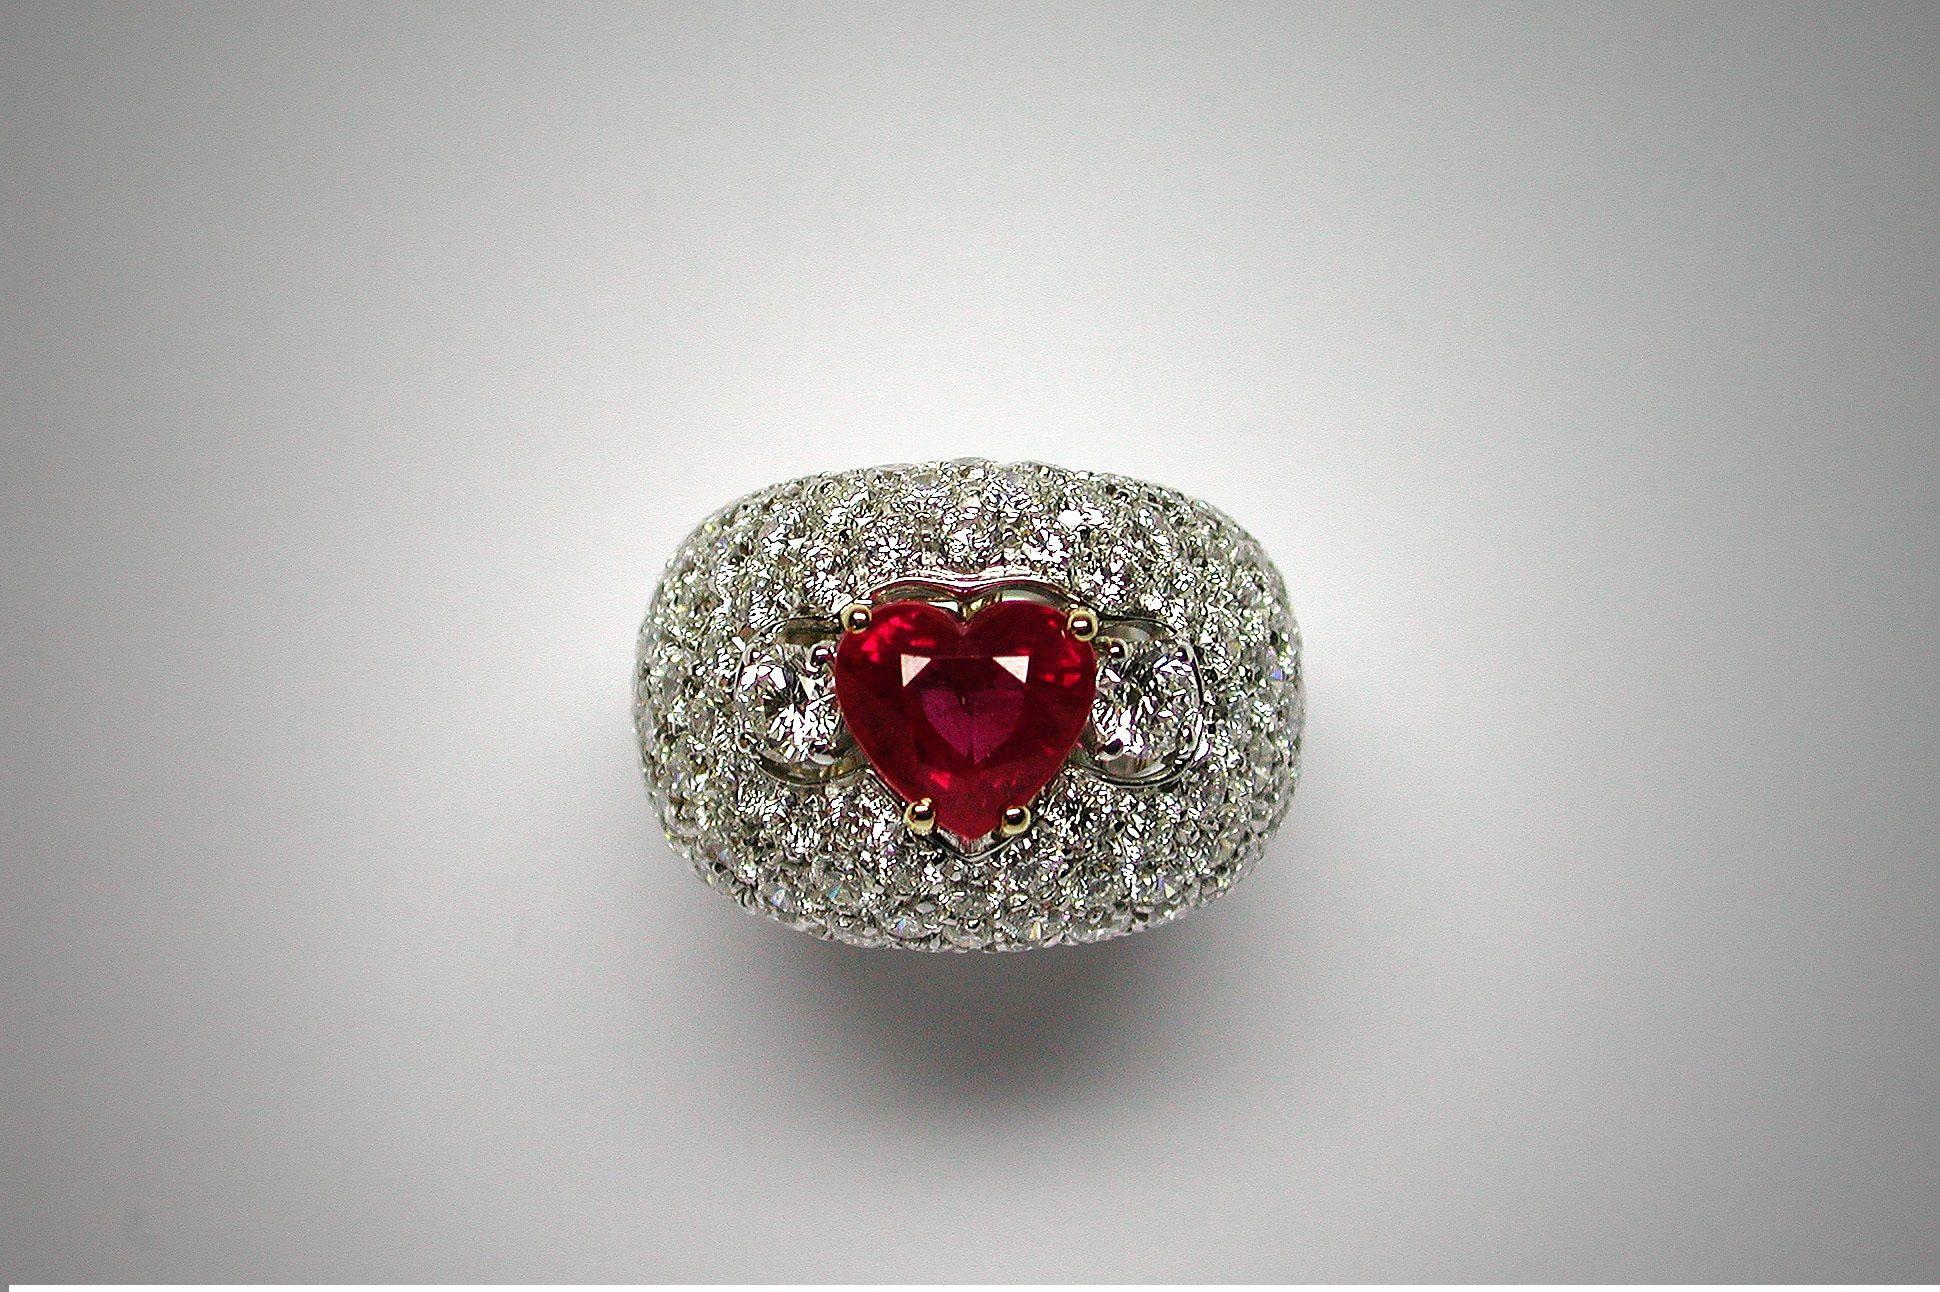 BALEANI ALTA GIOIELLERIA: Anello in oro bianco con rubino taglio a cuore e diamanti www.baleanigioielli.it